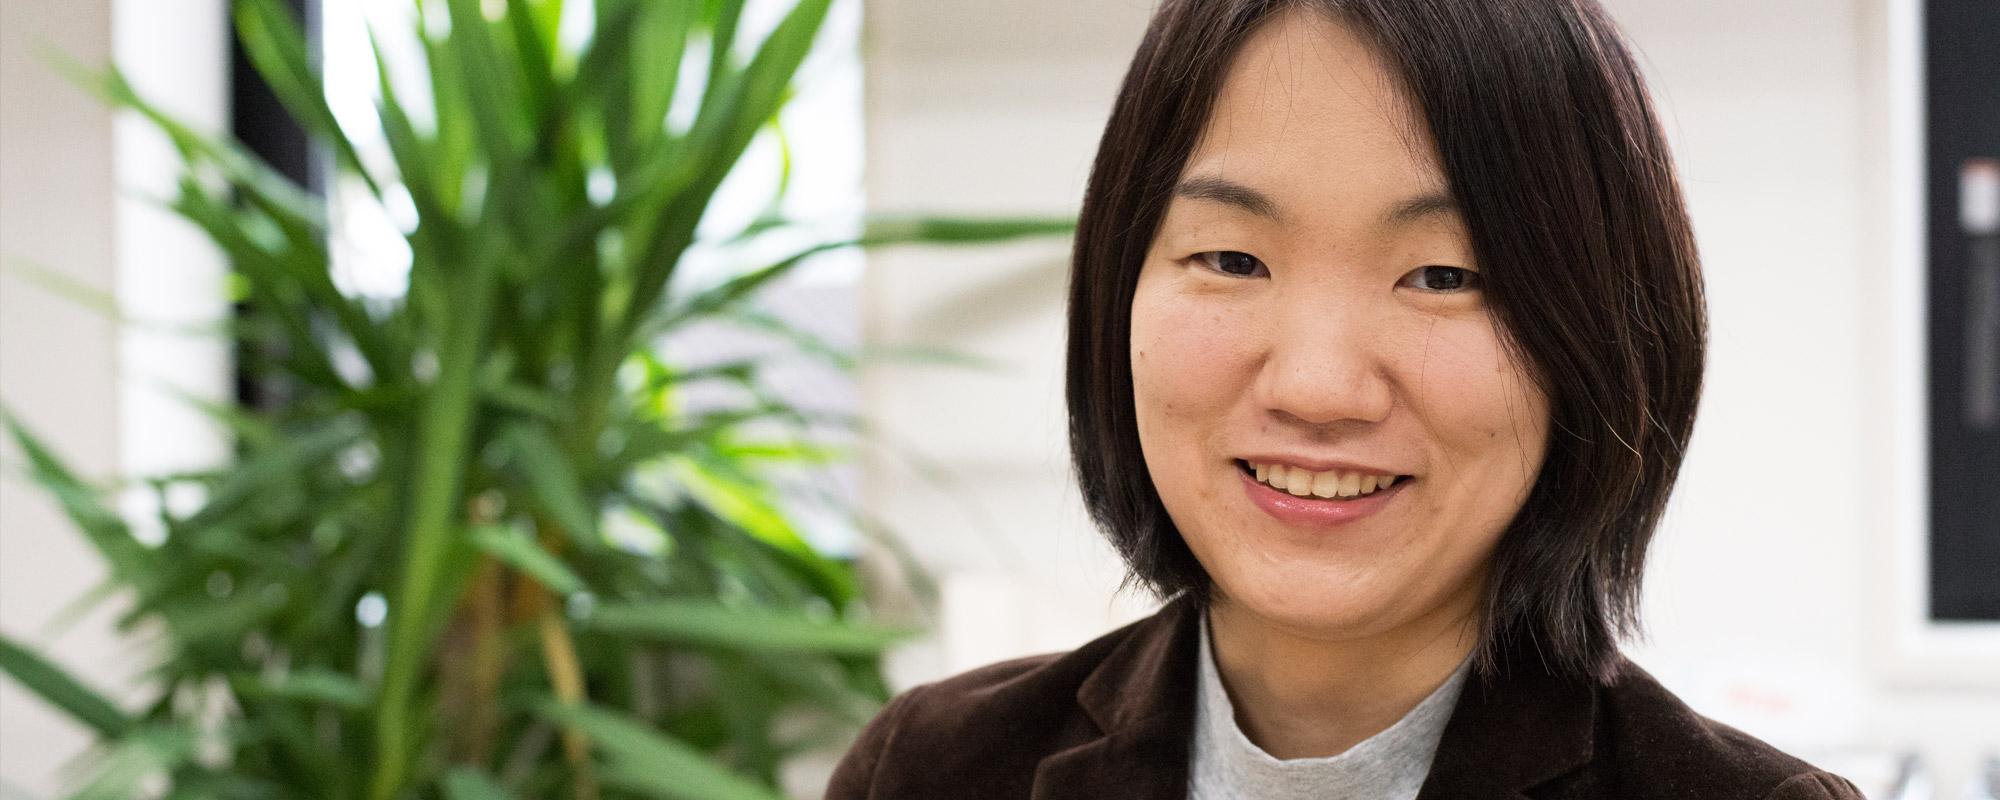 弘前ぐらし 移住者インタビュー さいとうサポート(自営業) 斎藤美佳子